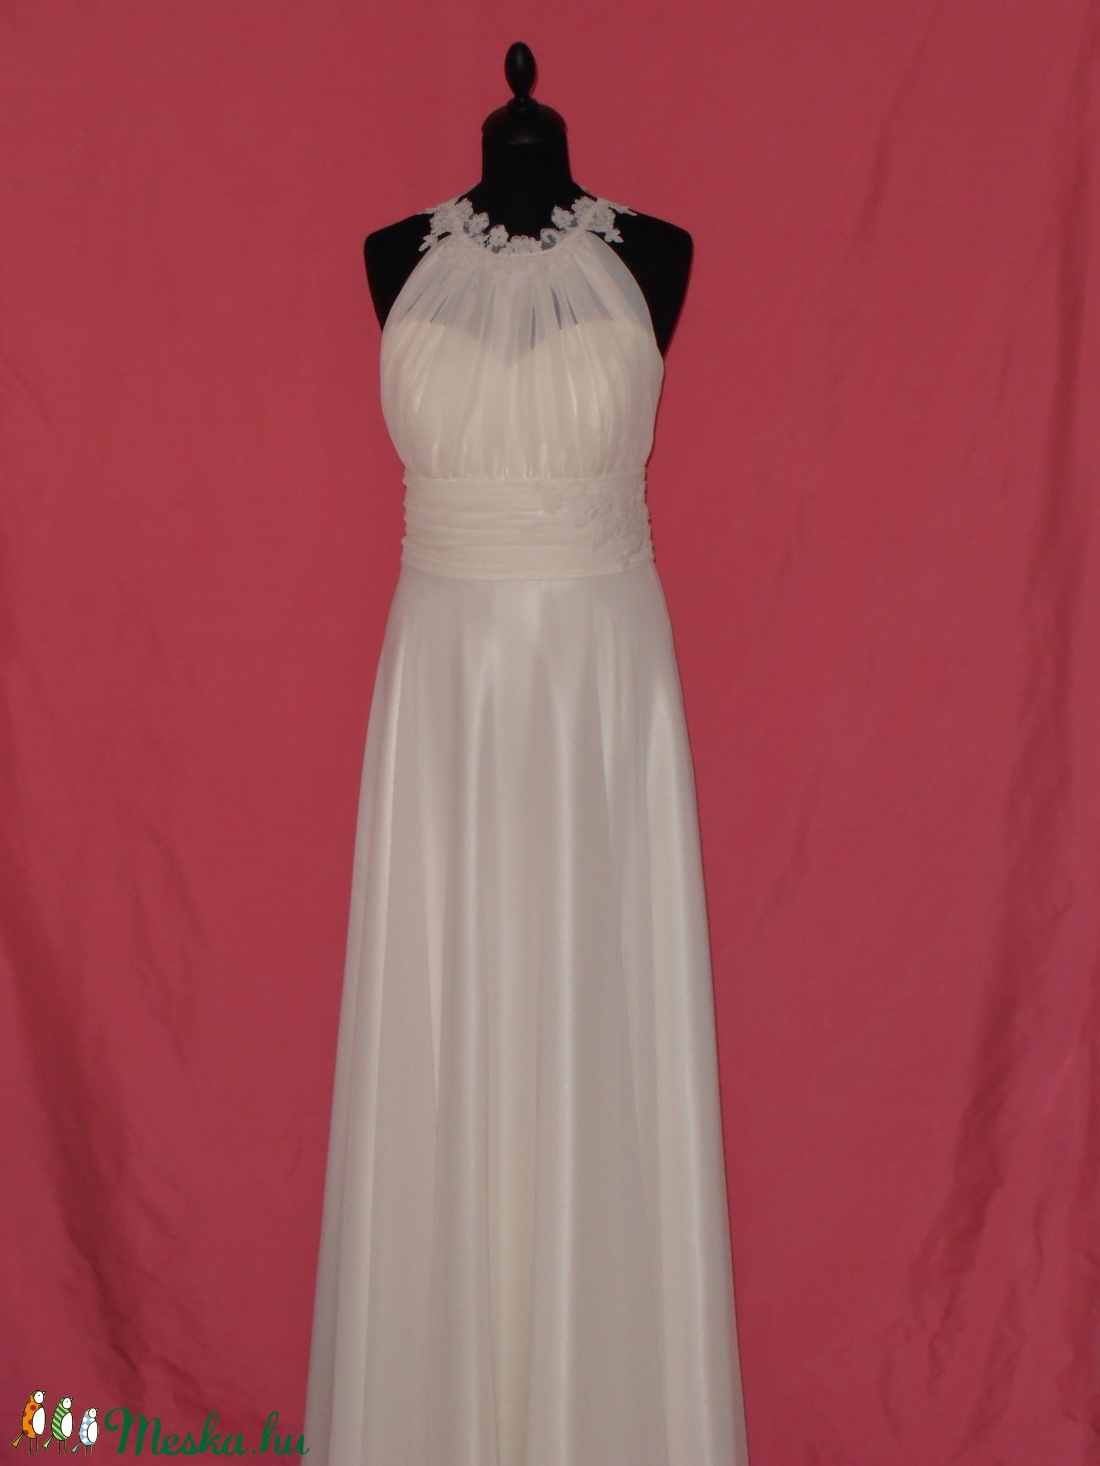 ... Csipkés muszlin menyasszonyi ruha (nicoledesign) - Meska.hu ... 6bbd2dd6e6